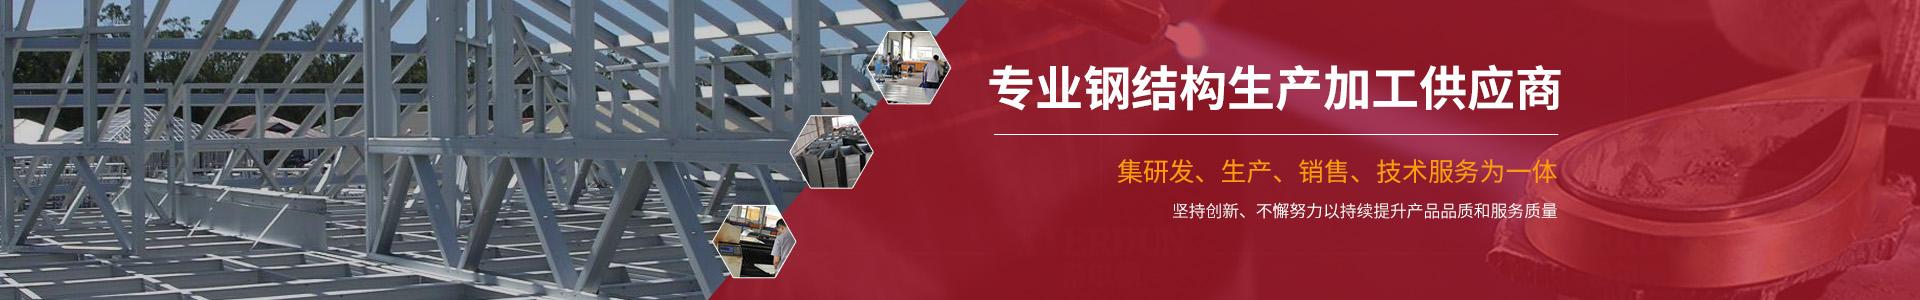 东莞钢结构工程